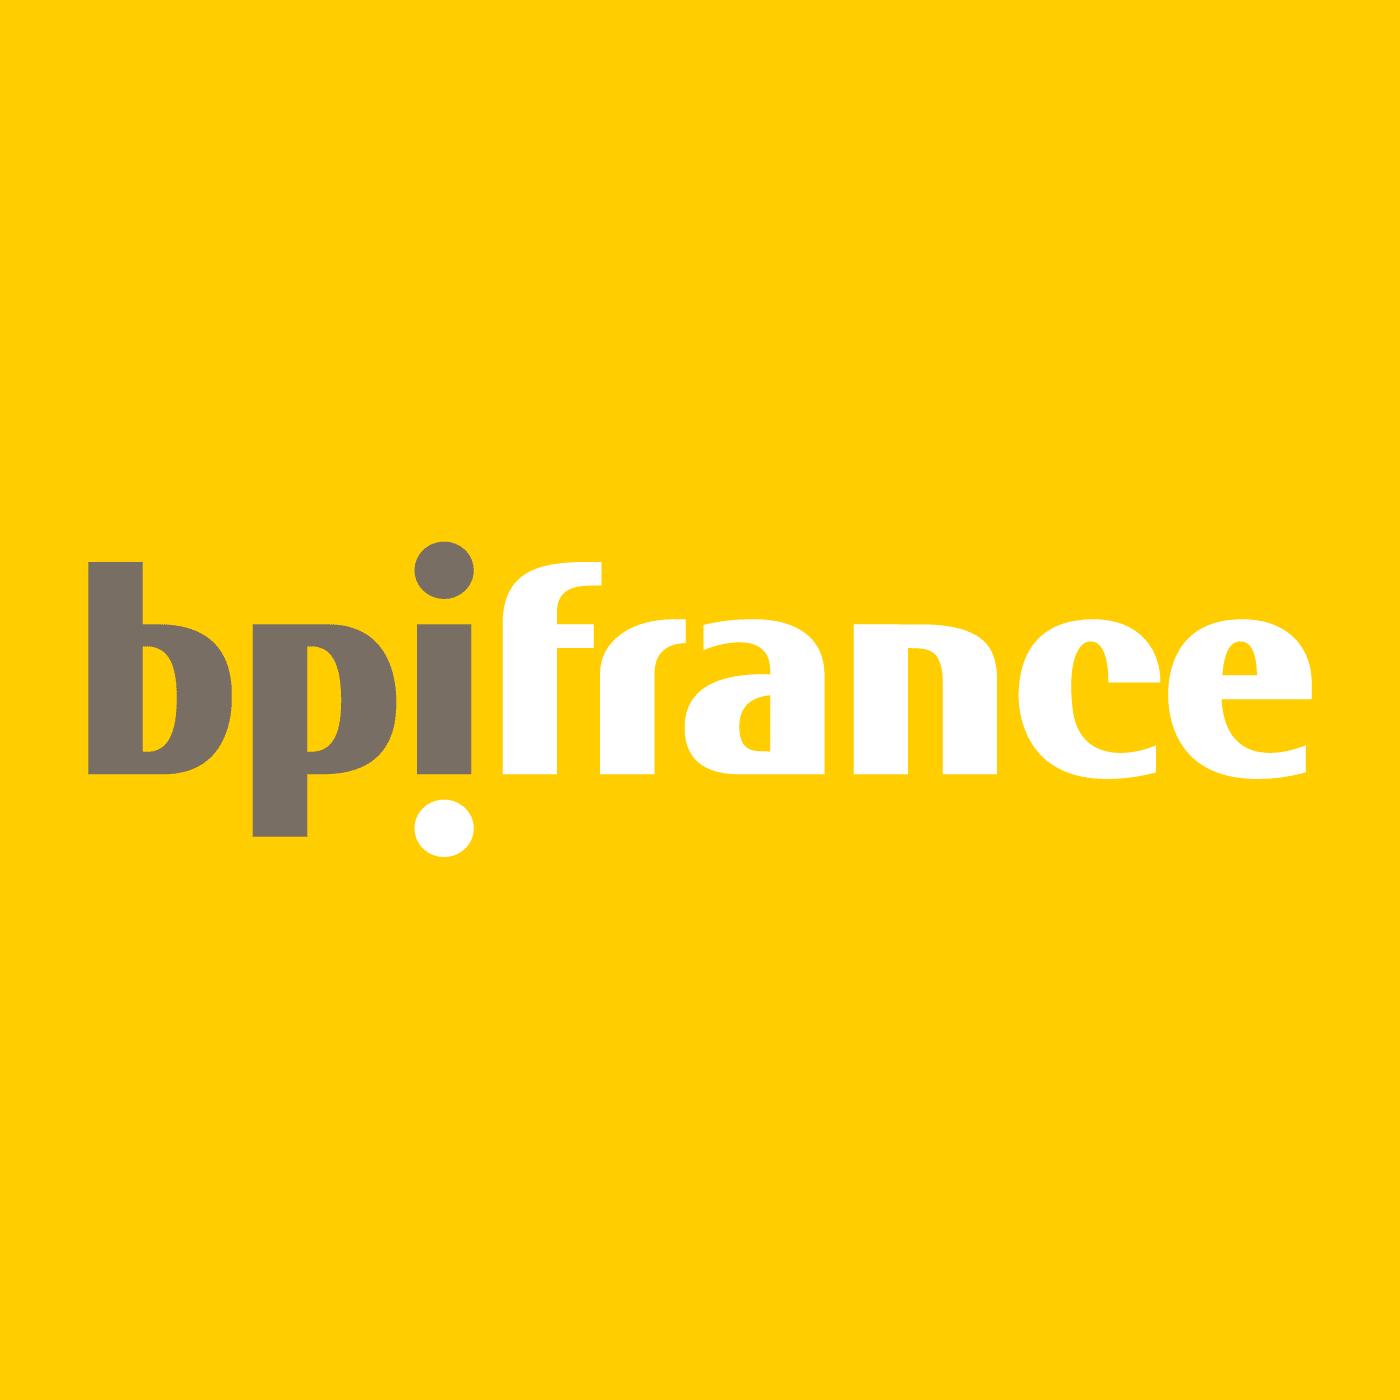 logo-BPI-FRANCE